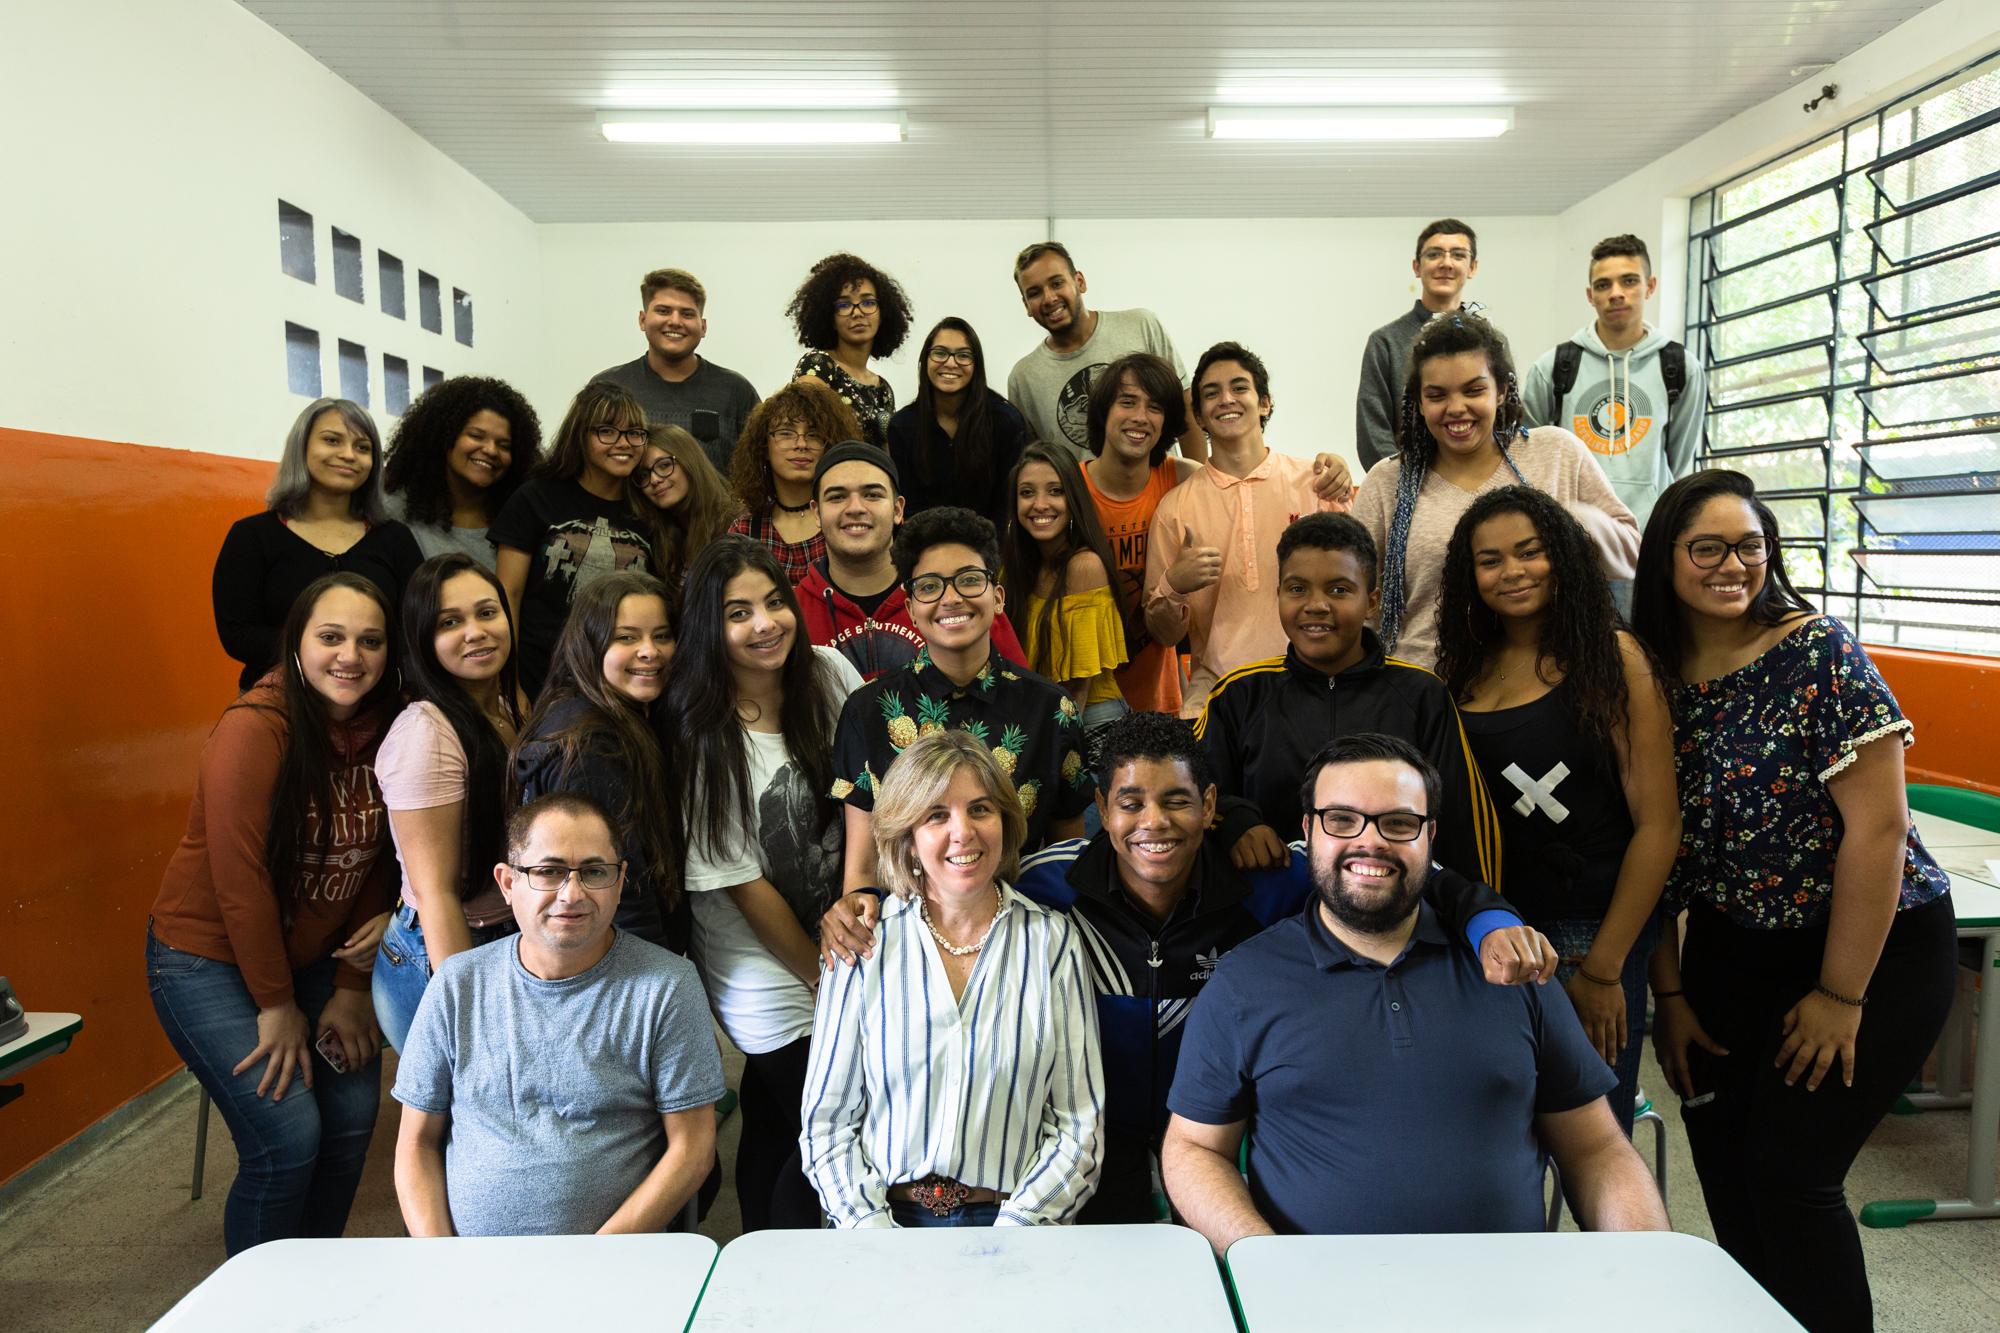 Em sala de aula, grupo de estudantes e professores posam para foto em fileiras. Os da frente estão sentados; enquanto os de trás, em pé.